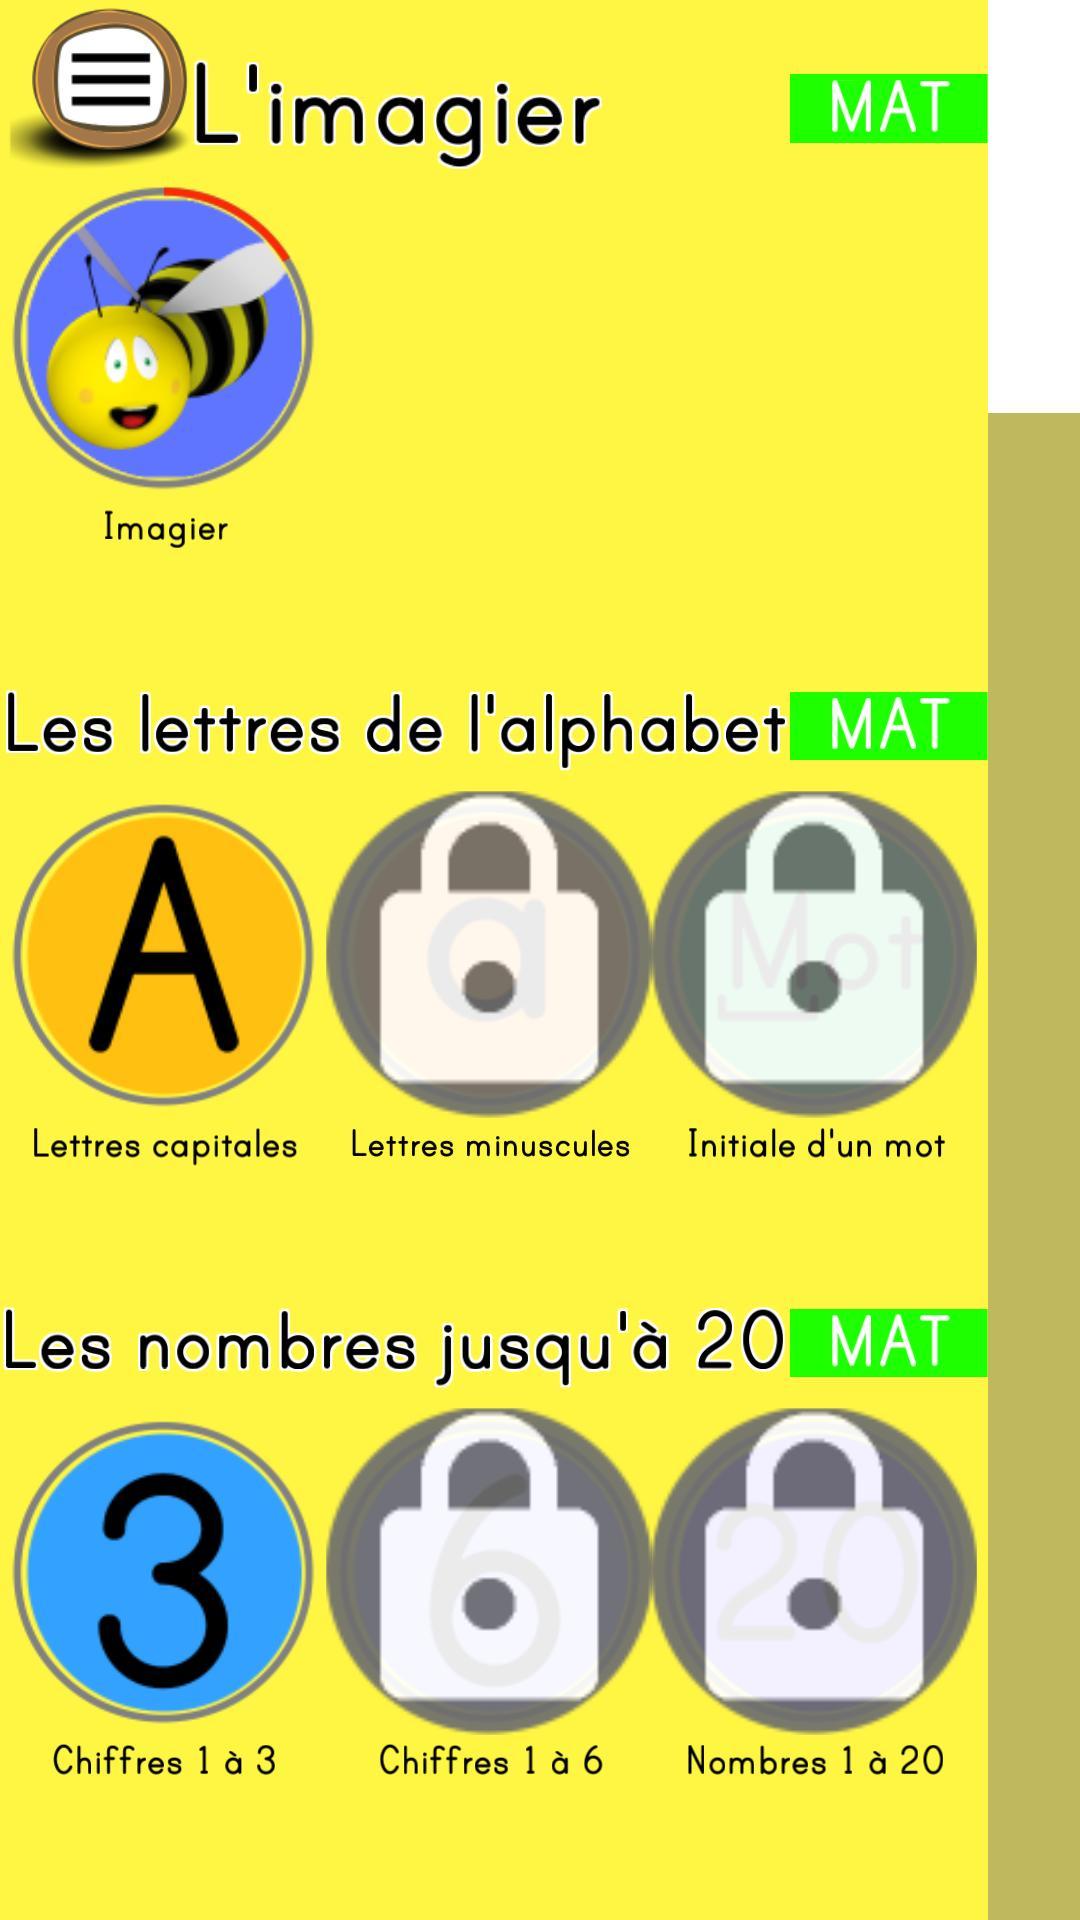 Apprendre Le Français For Android - Apk Download concernant Apprendre Les Chiffres En Français